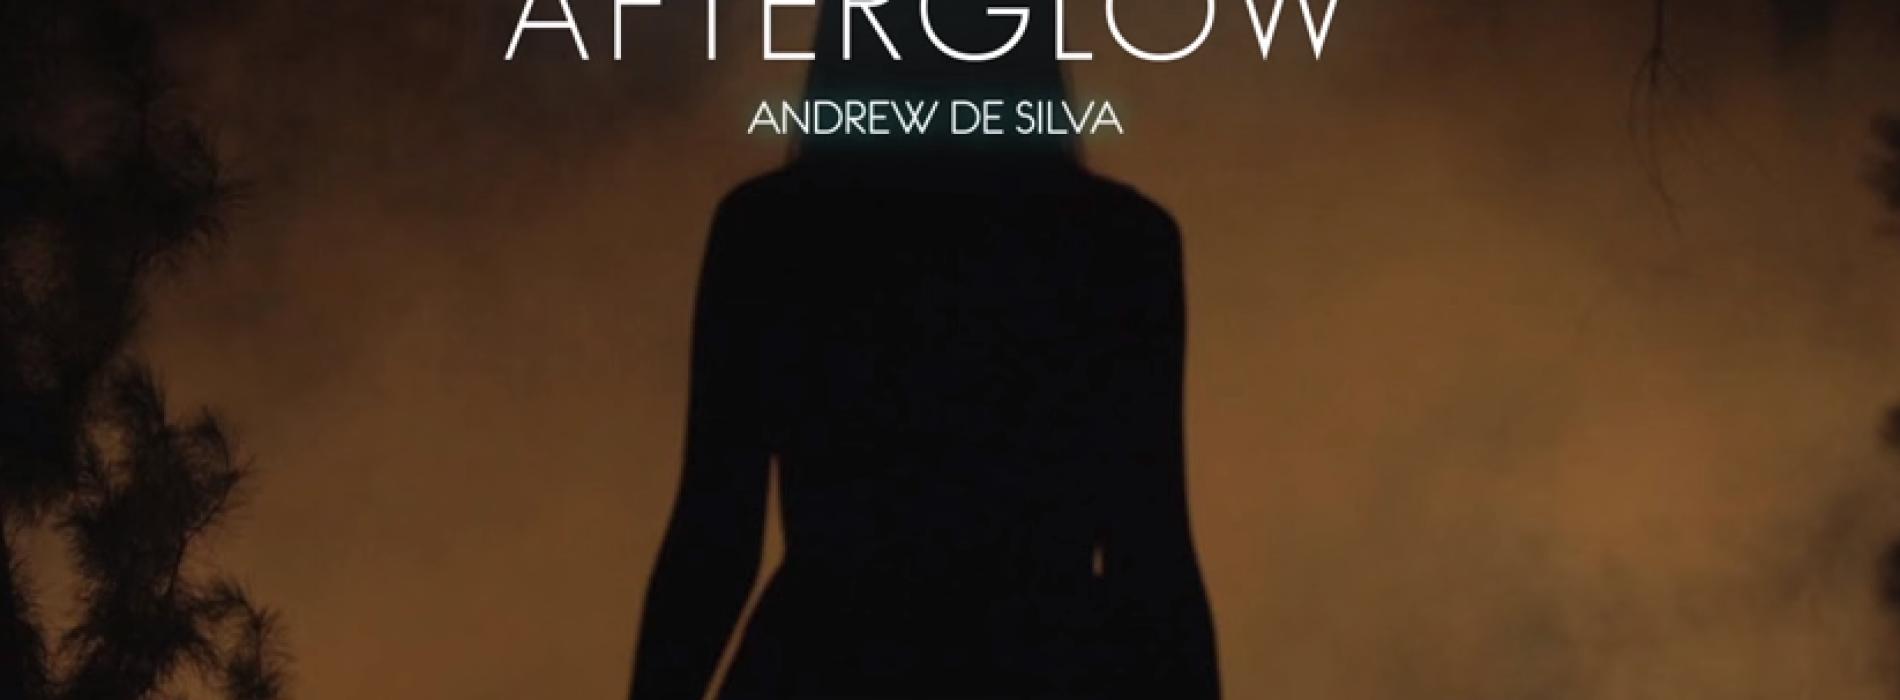 Andrew De Silva – Afterglow (OST Terminus)